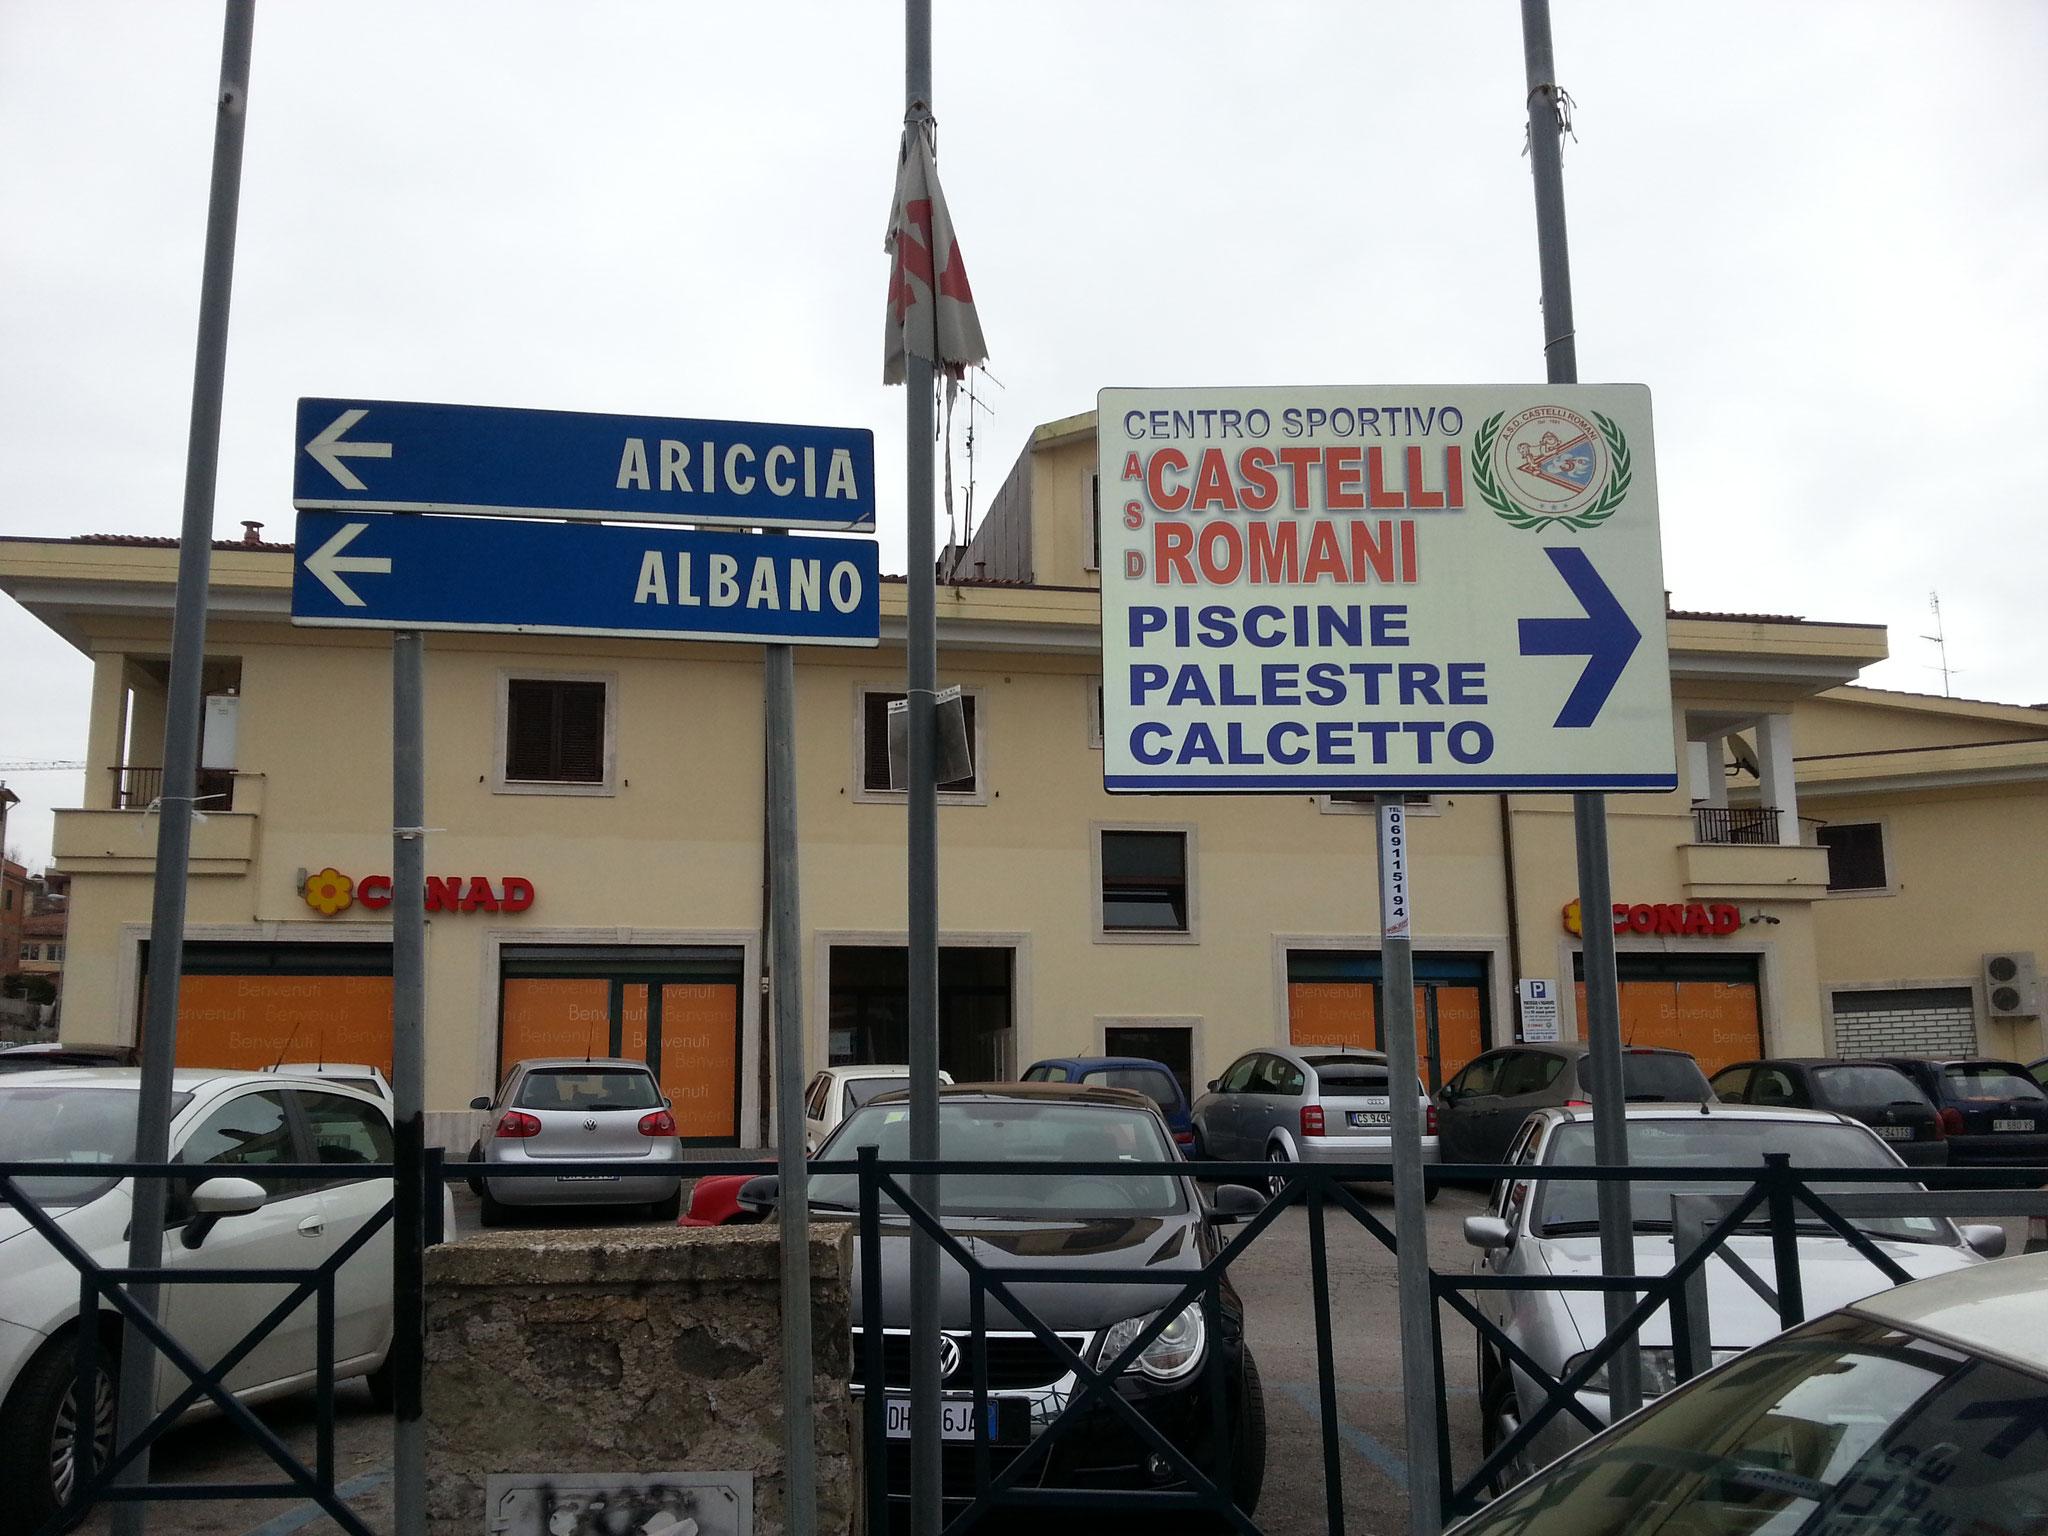 Targa pubblicitaria d'indicazione ad Albano Laziale per il Centro sportivo a.s.d. castelli romani